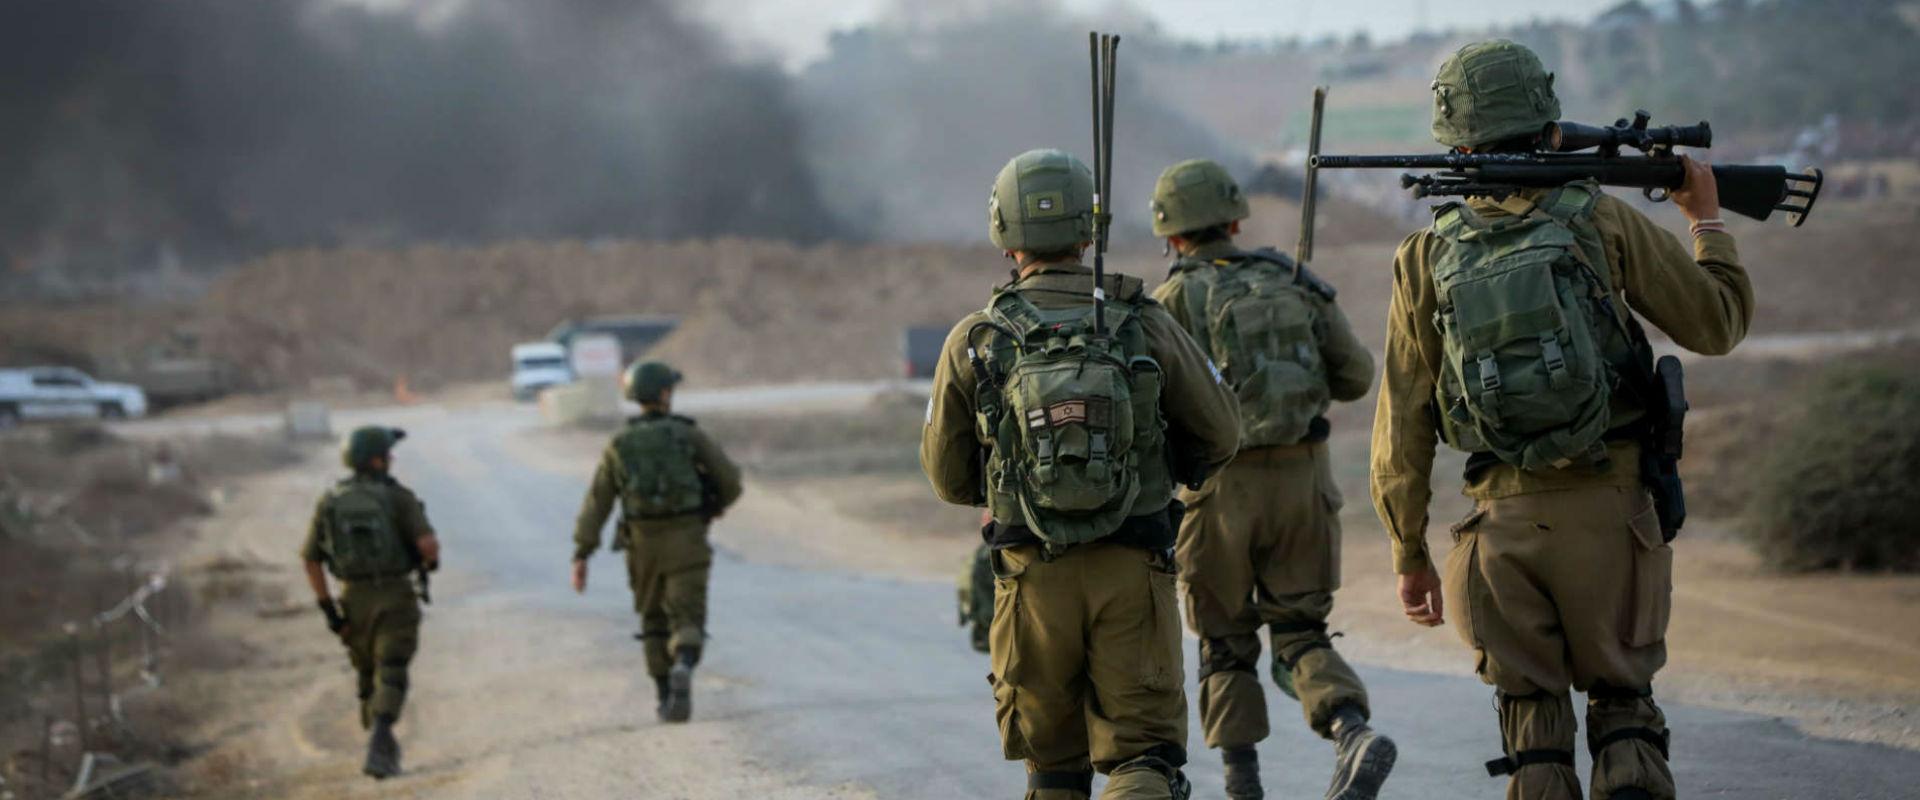 חיילים בגבול עזה (ארכיון)